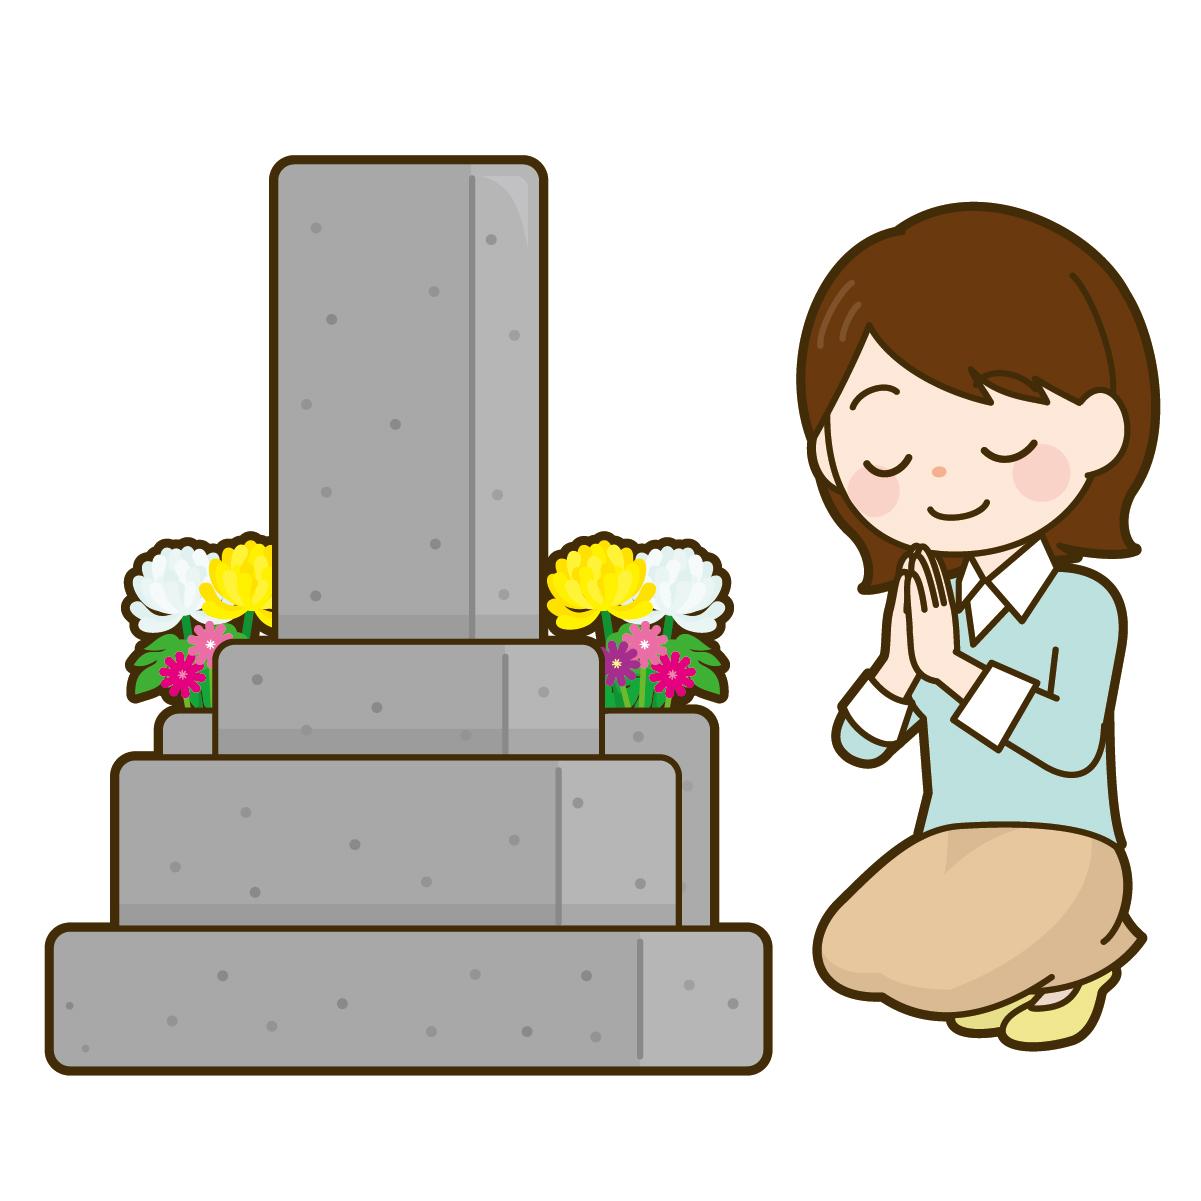 お墓参りのイメージ画像